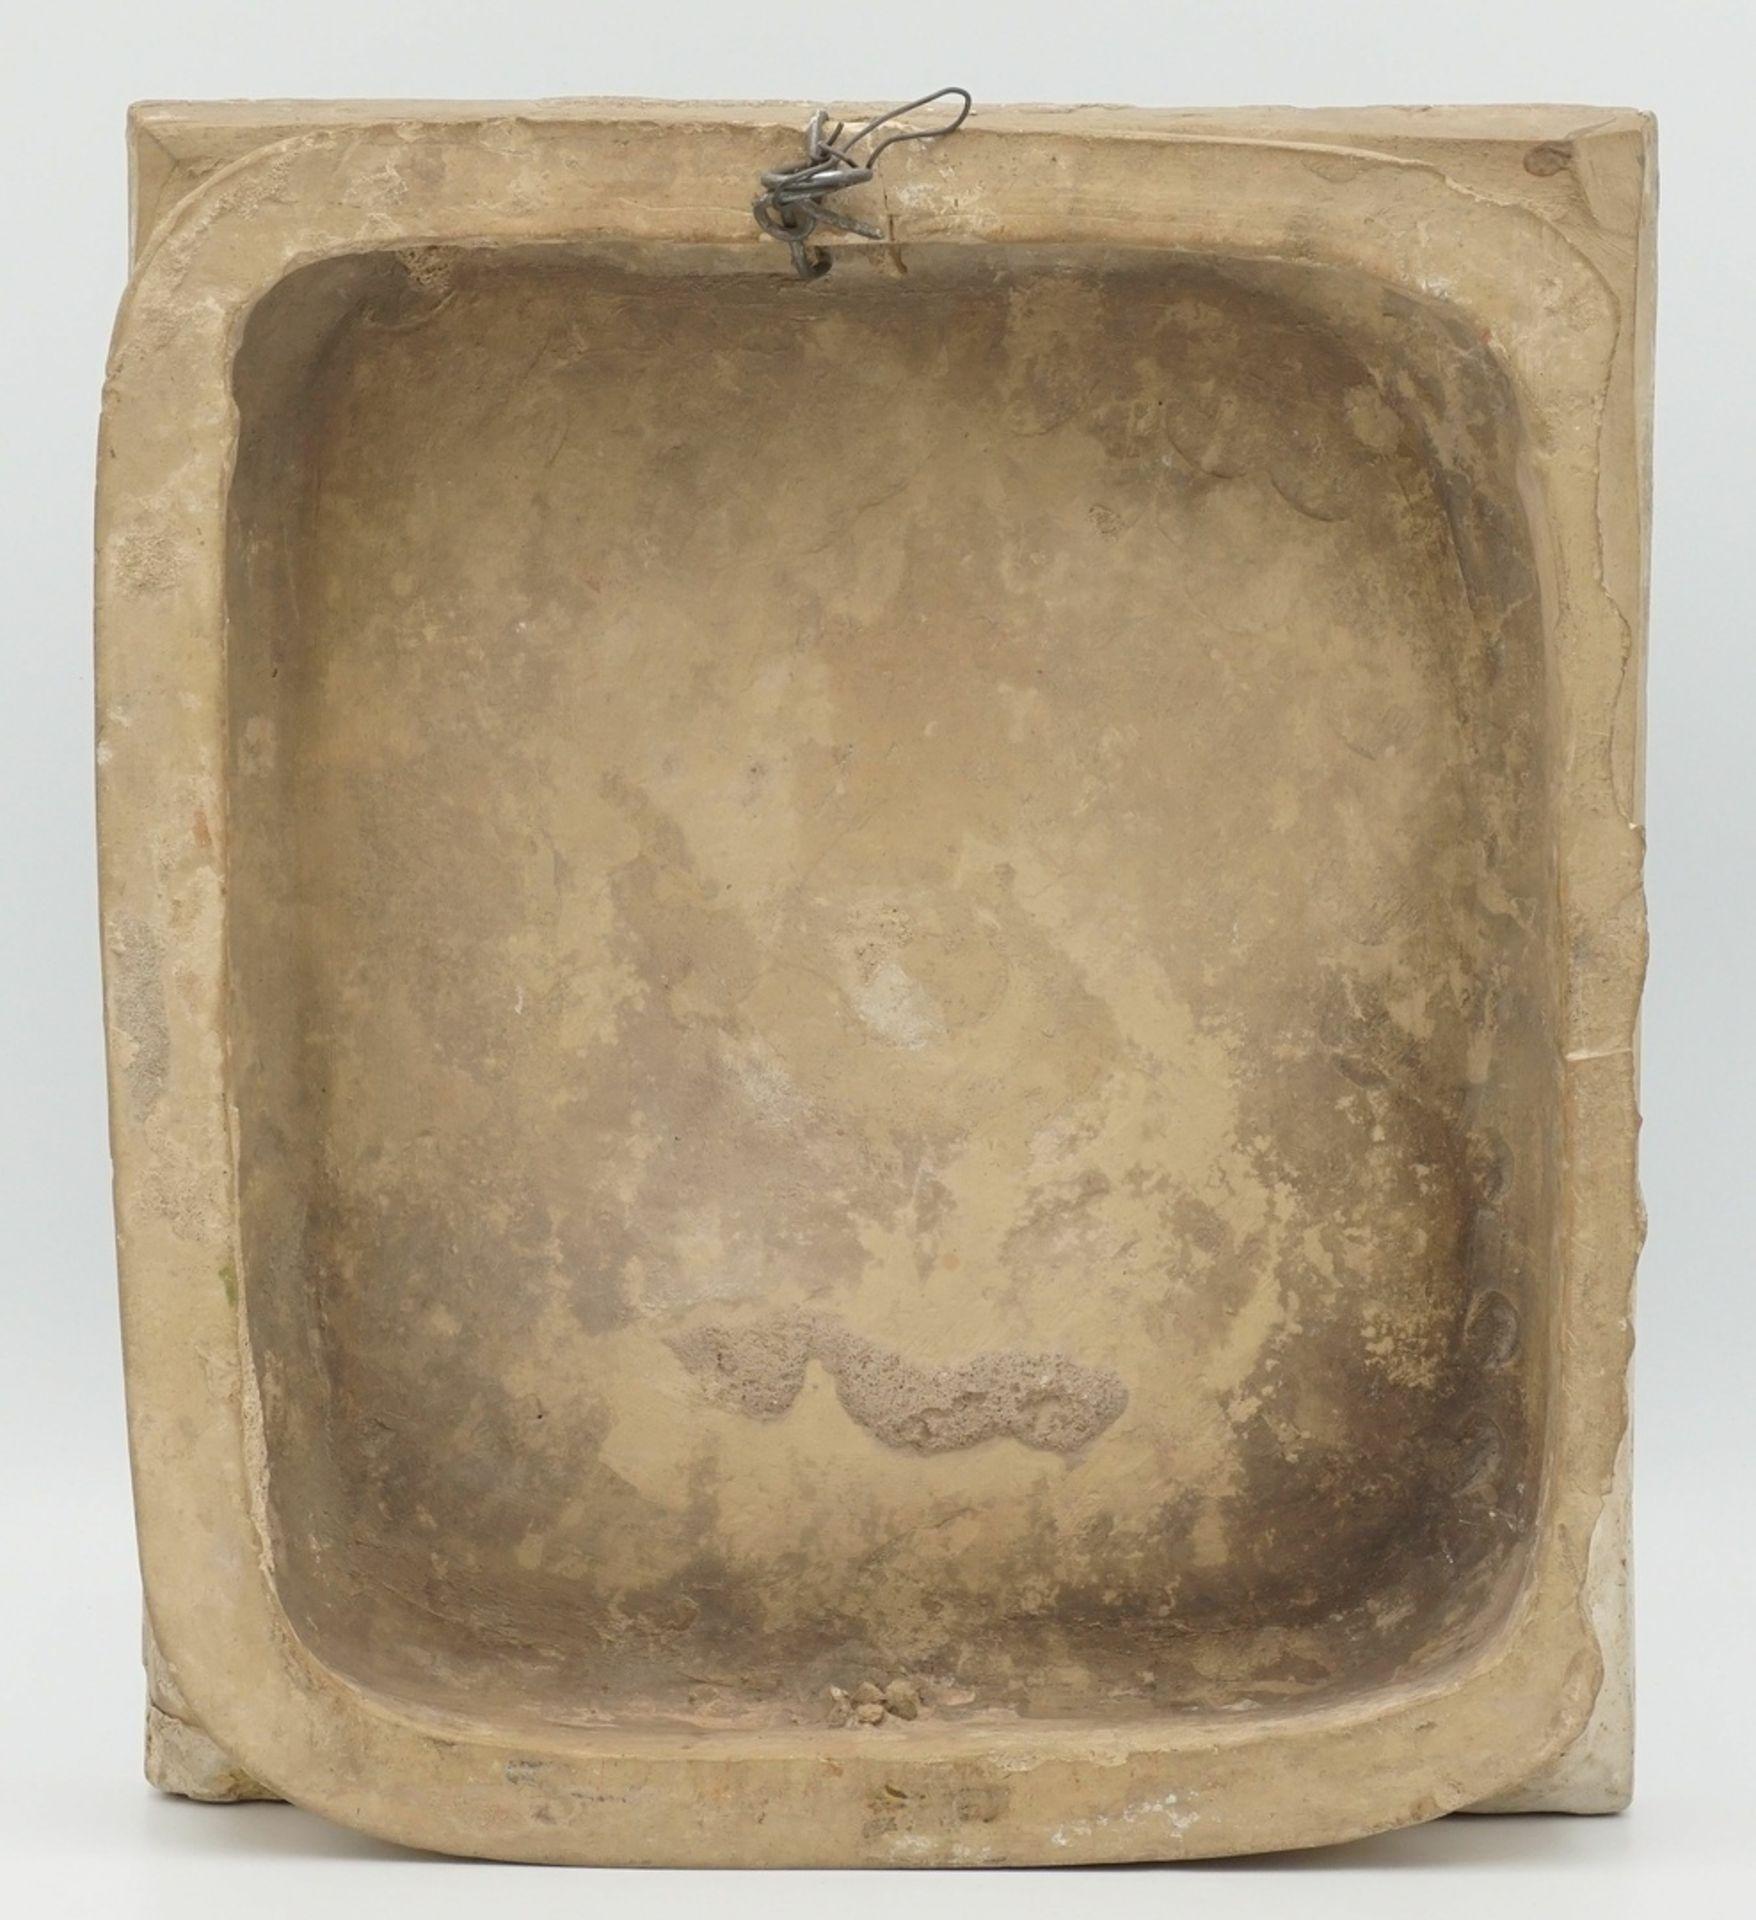 Barocke Ofenkachel, 1. Hälfte 18. Jh. - Bild 2 aus 2